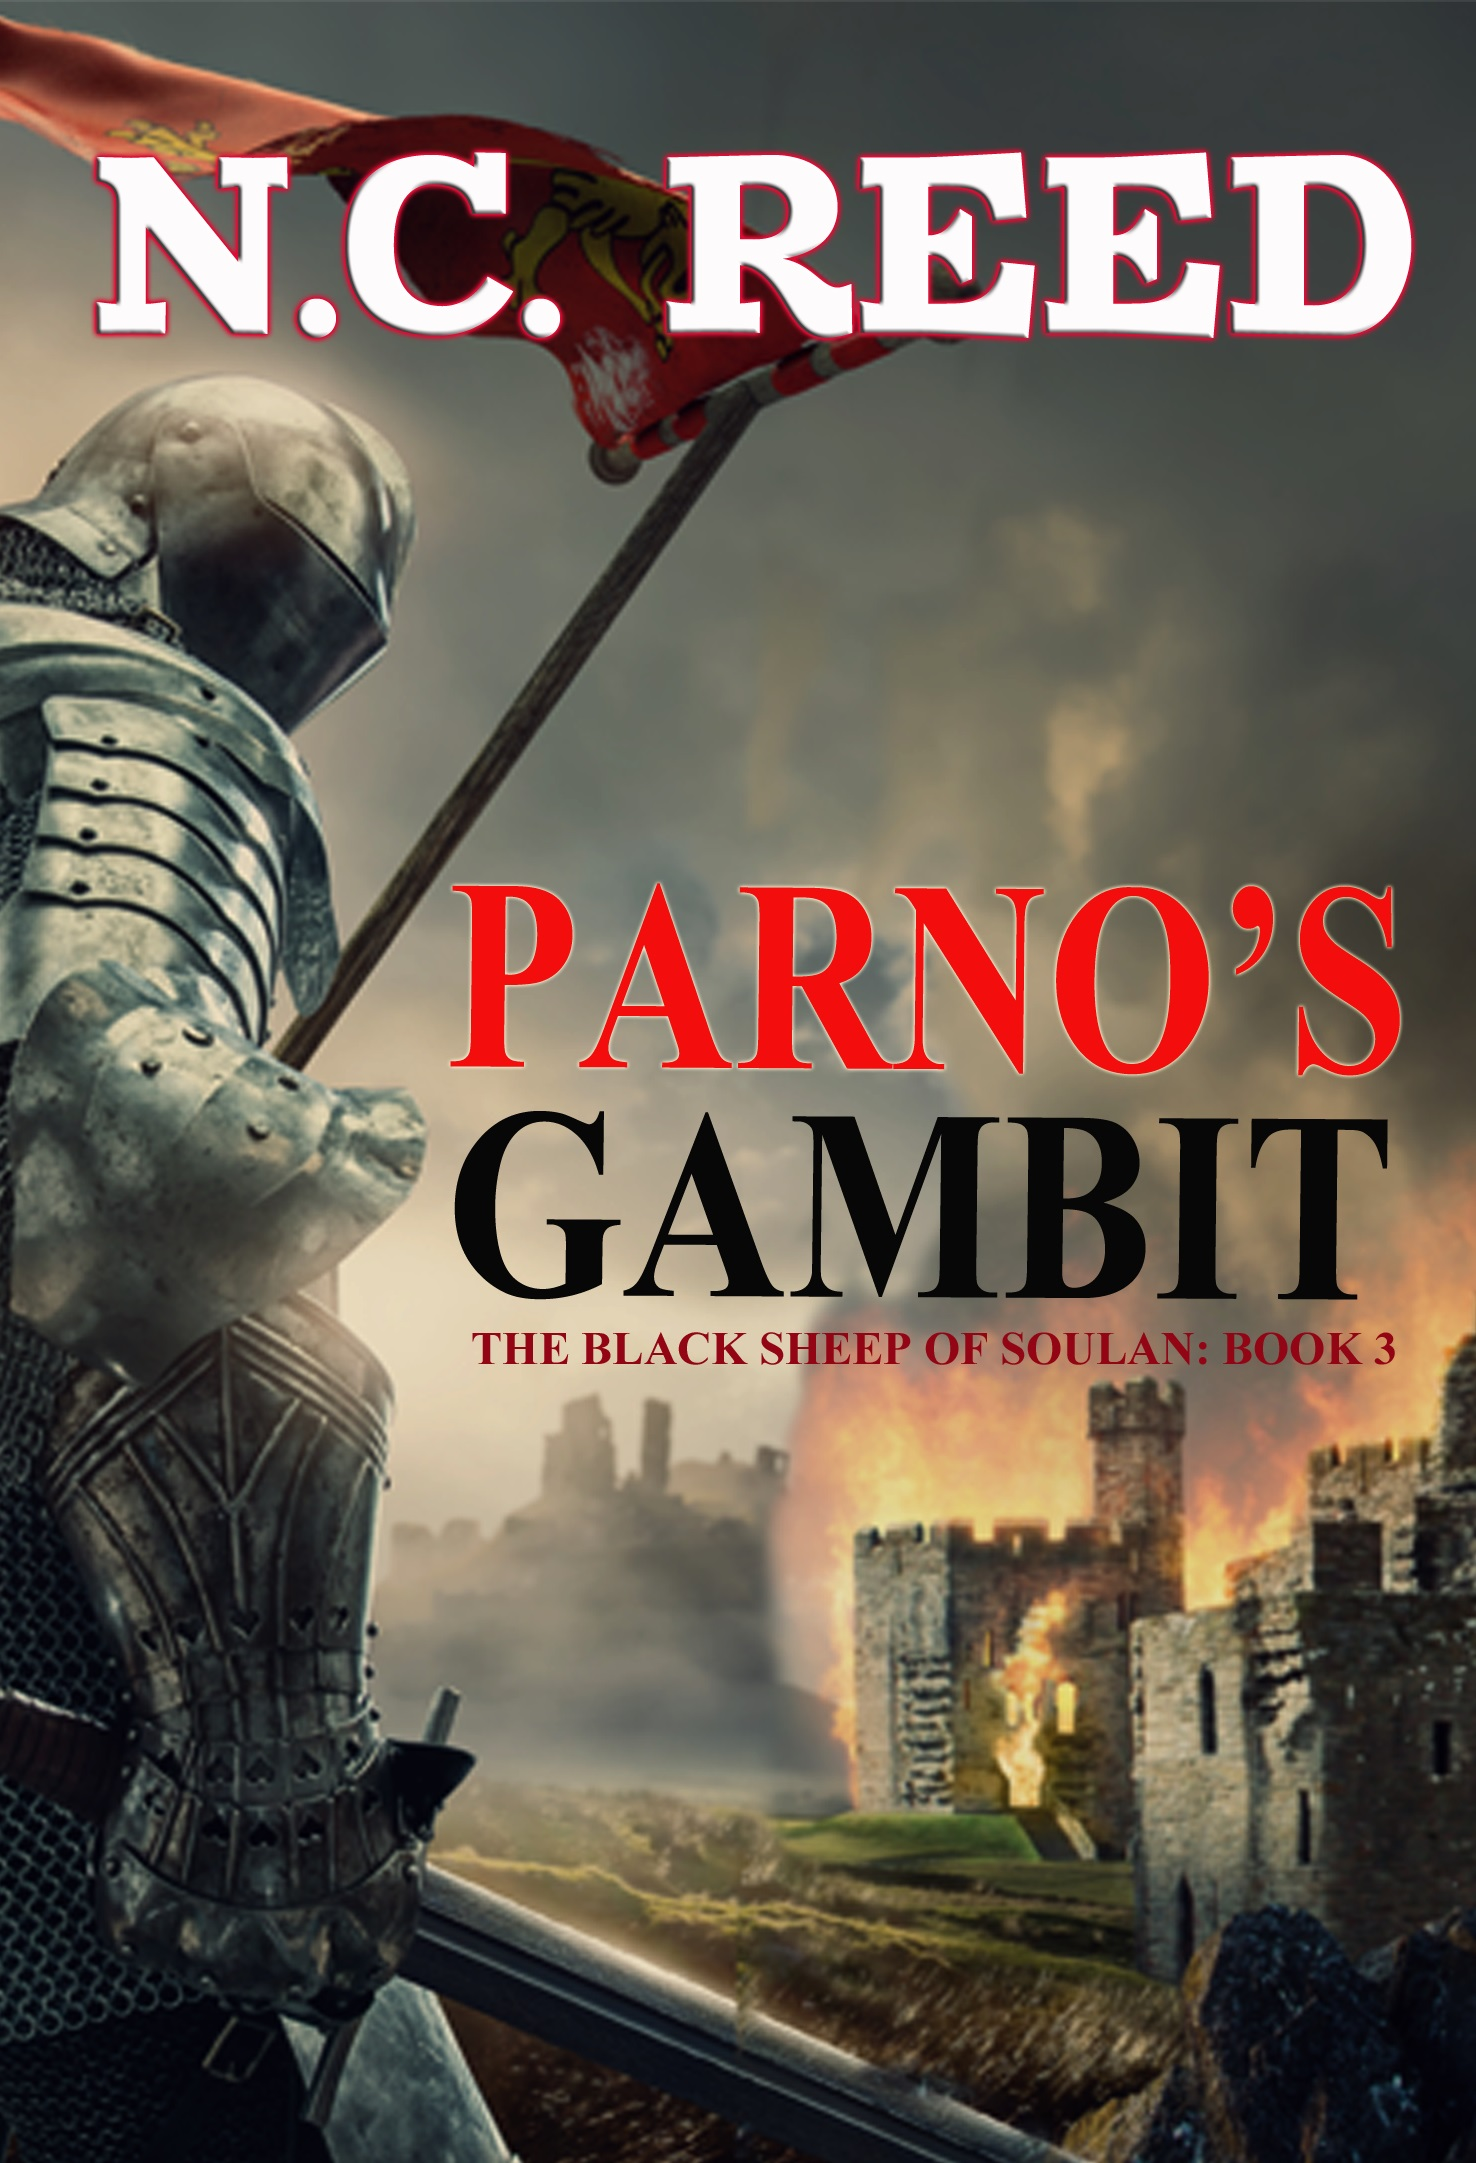 PARNO'S GAMBIT